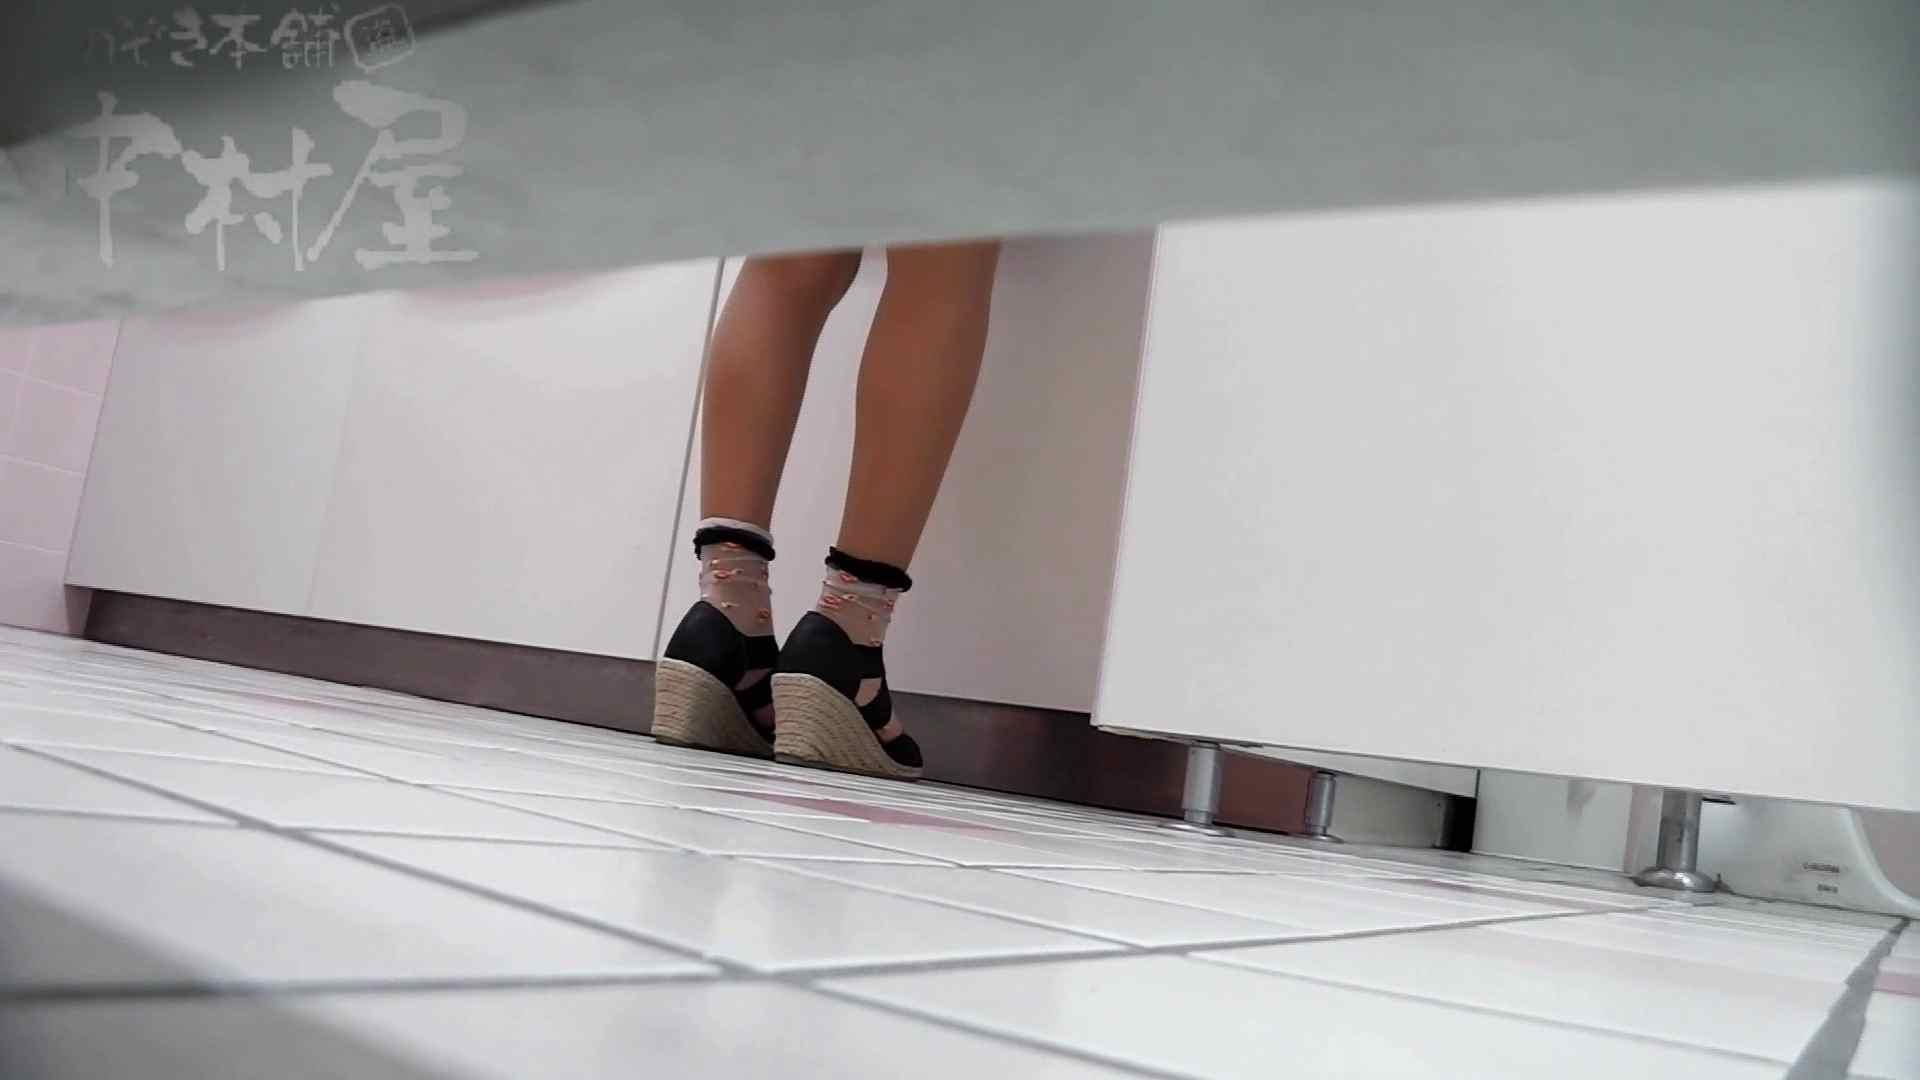 美しい日本の未来 No.35 最長時間更新更に強者登場 トイレ 盗撮 108PIX 27